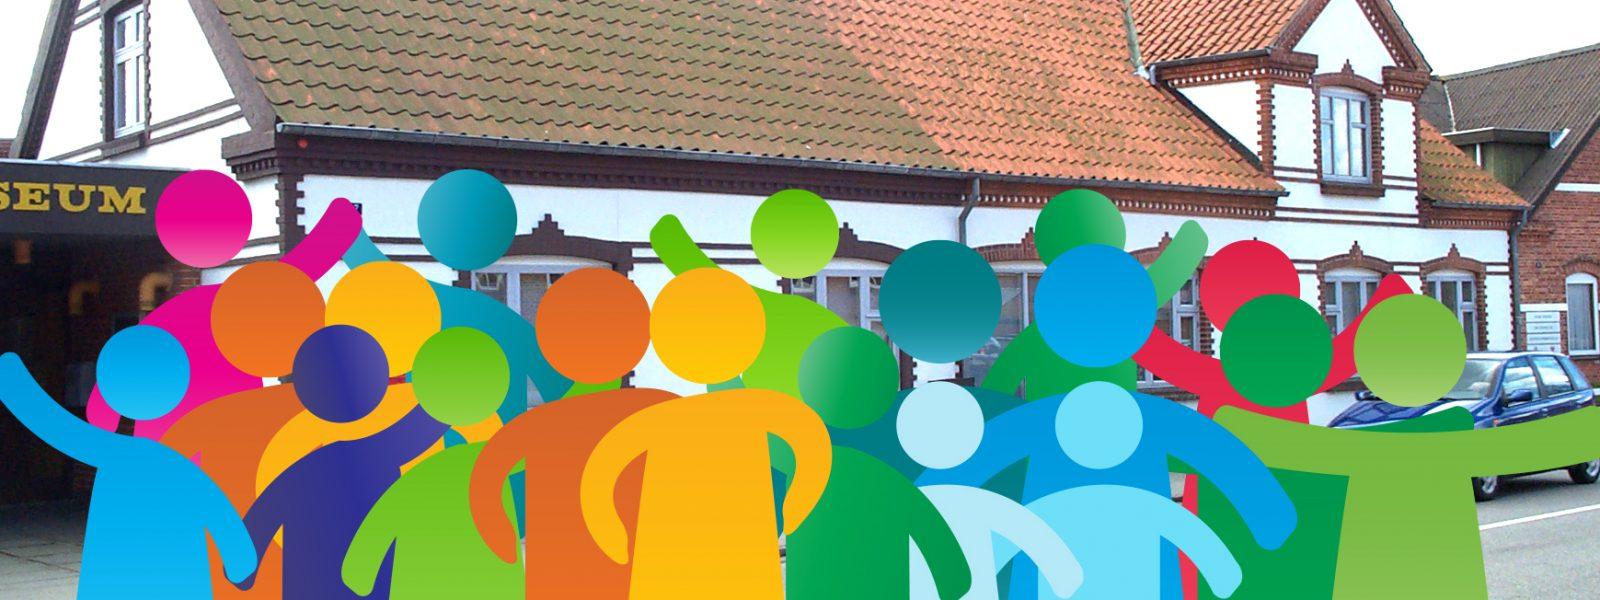 Generalforsamling i Ølgod Museumsforening